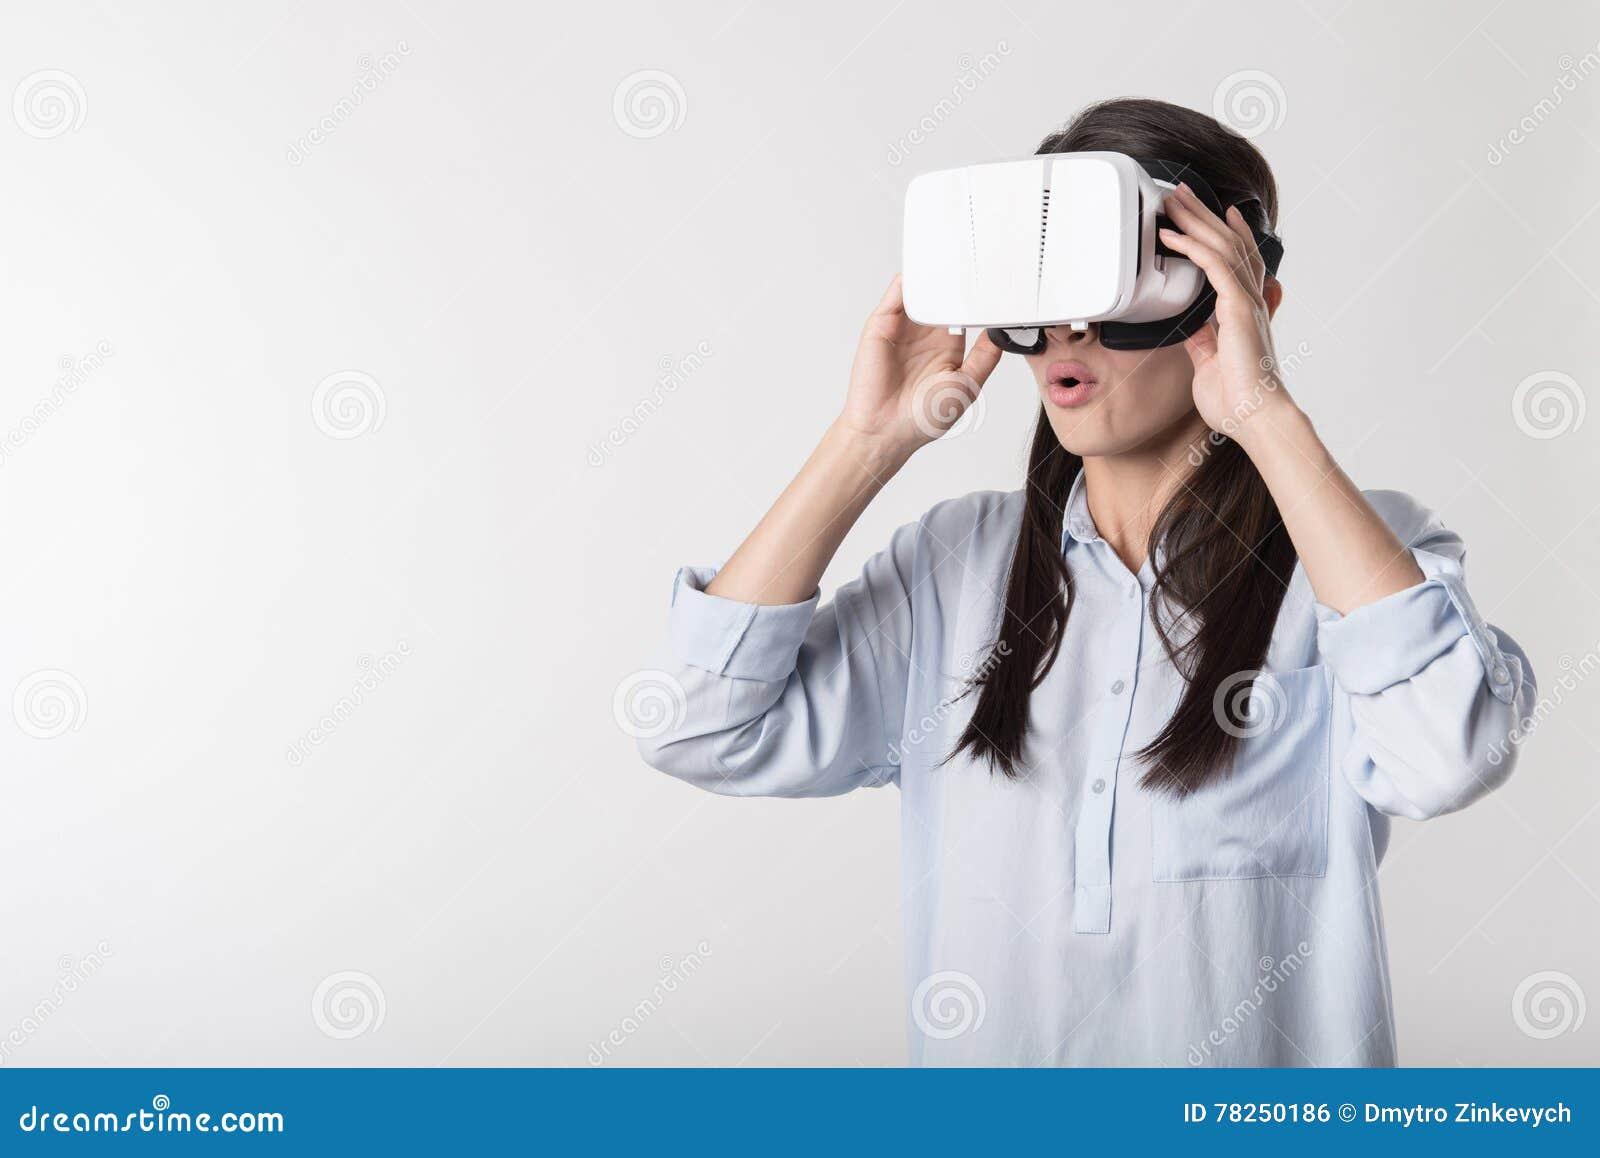 Χαρούμενη γυναίκα που χρησιμοποιεί τη συσκευή εικονικής πραγματικότητας